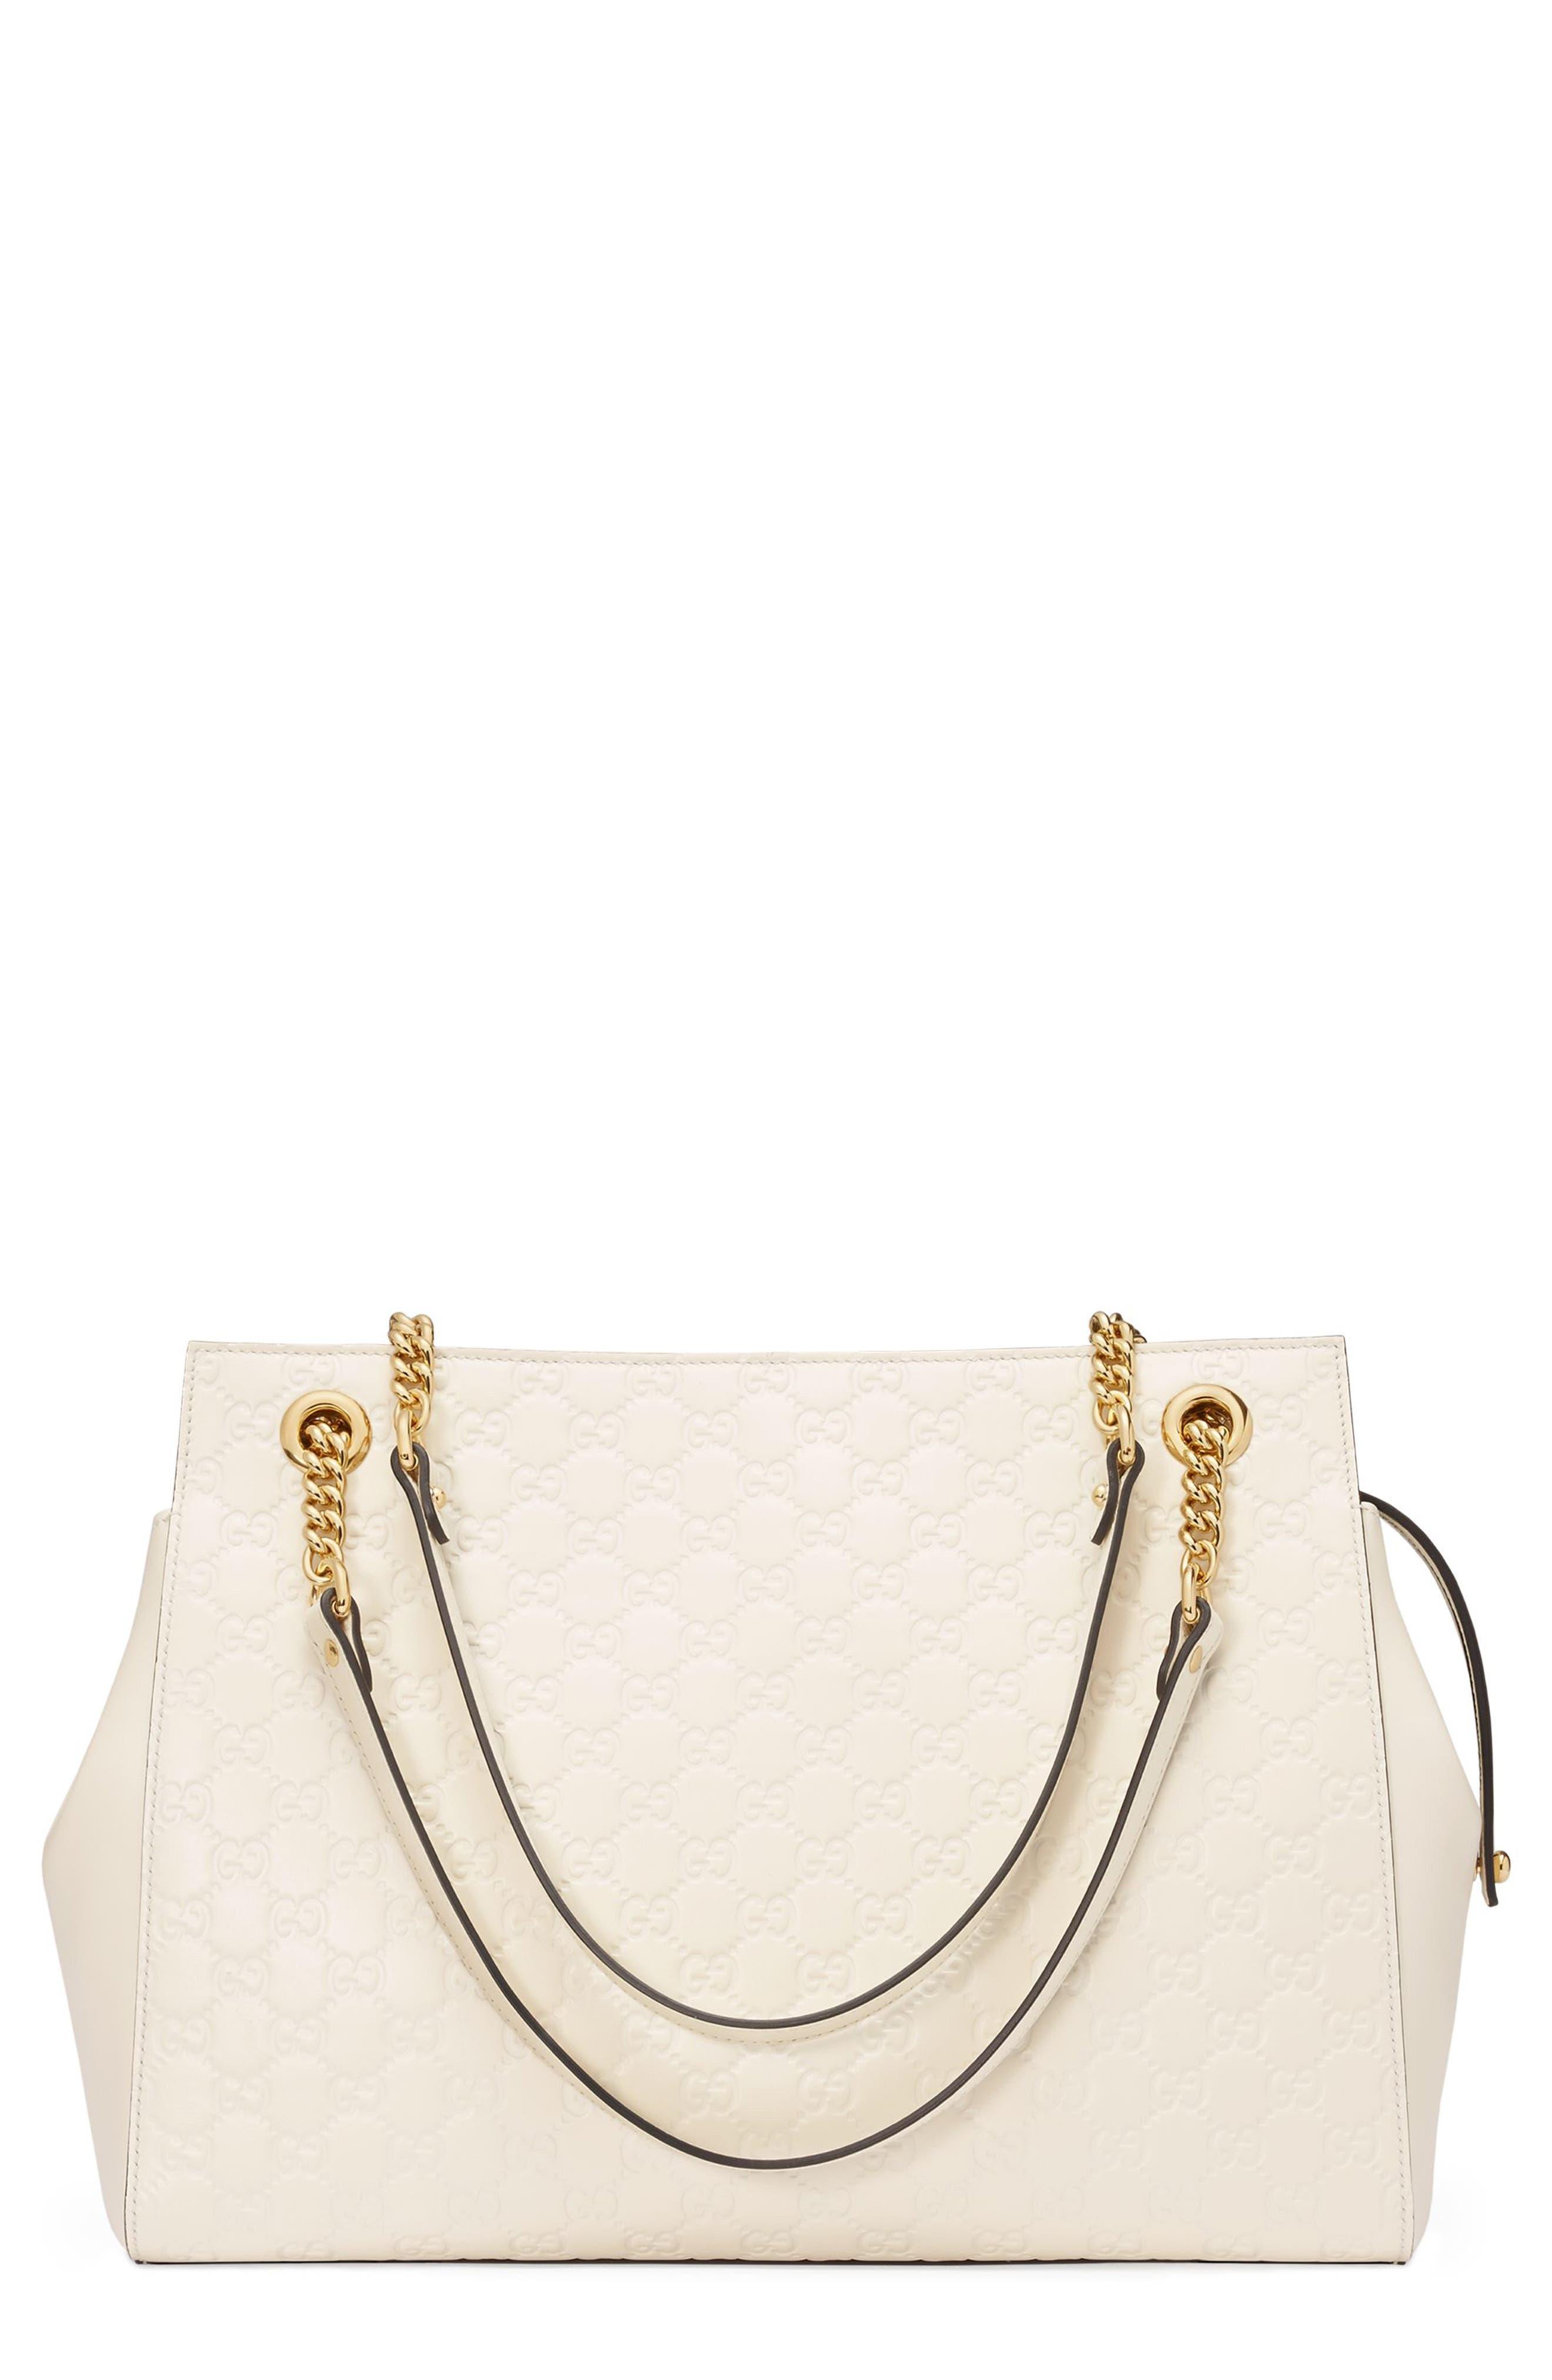 Gucci Large Signature Leather Shoulder Bag